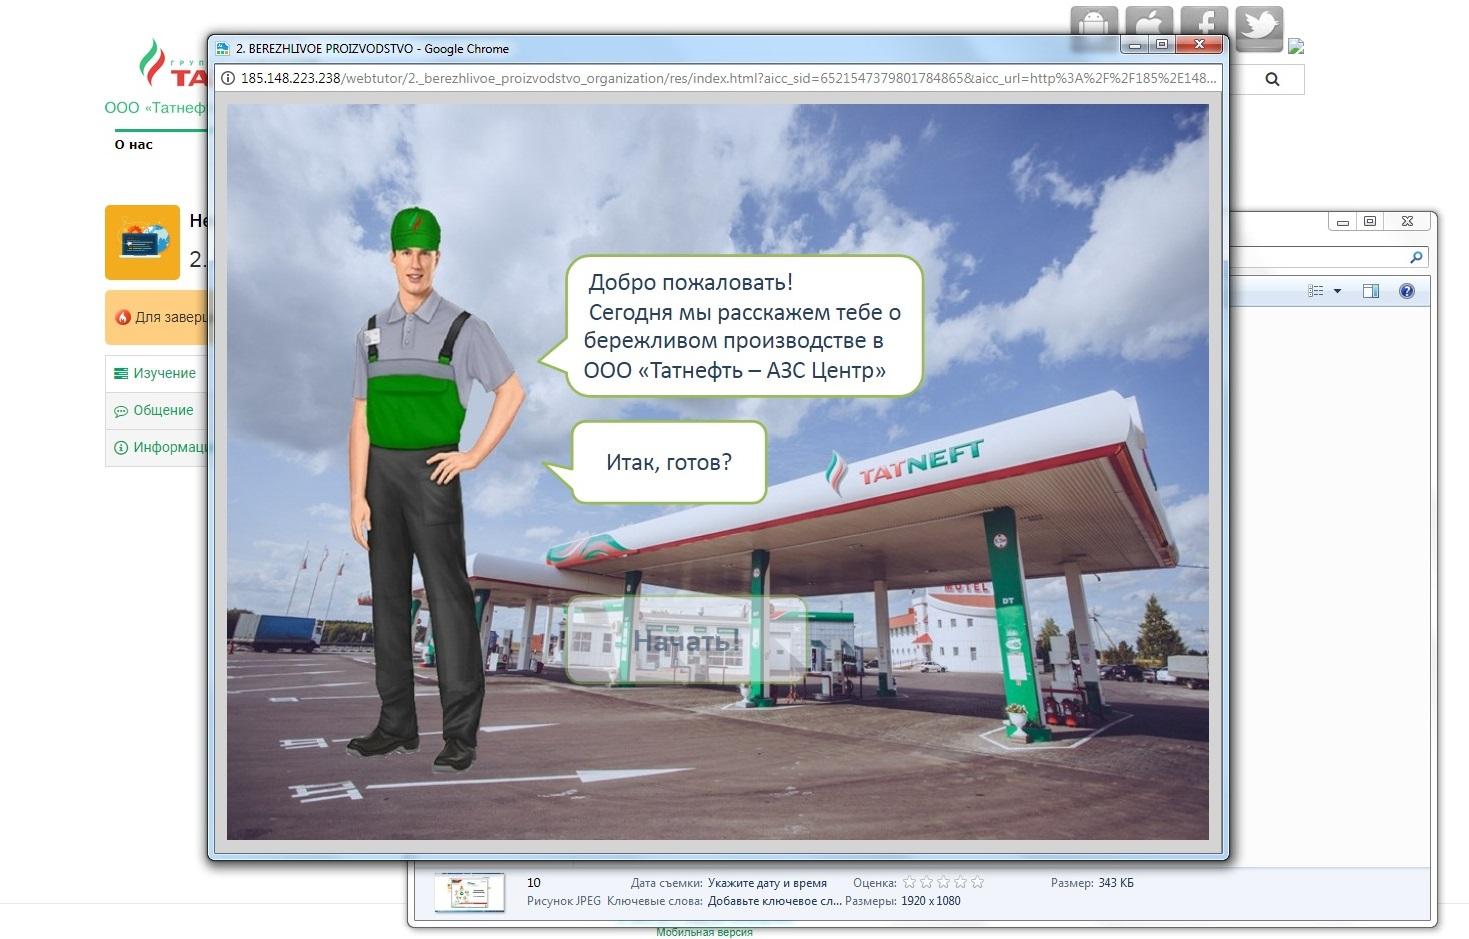 Виртуальный тур для работников при трудоустройстве в компанию